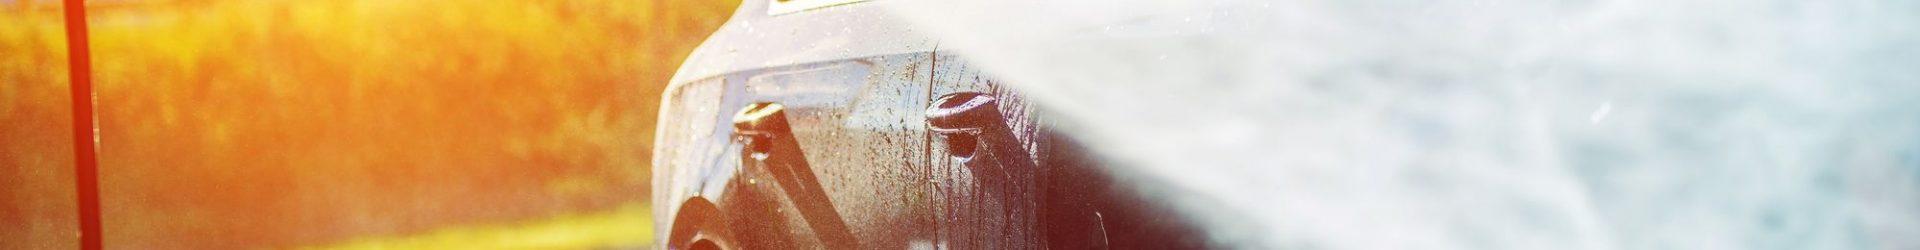 تنظيف سيارات عند البيت بالرياض 0551154864 – غسيل سيارات متنقلة